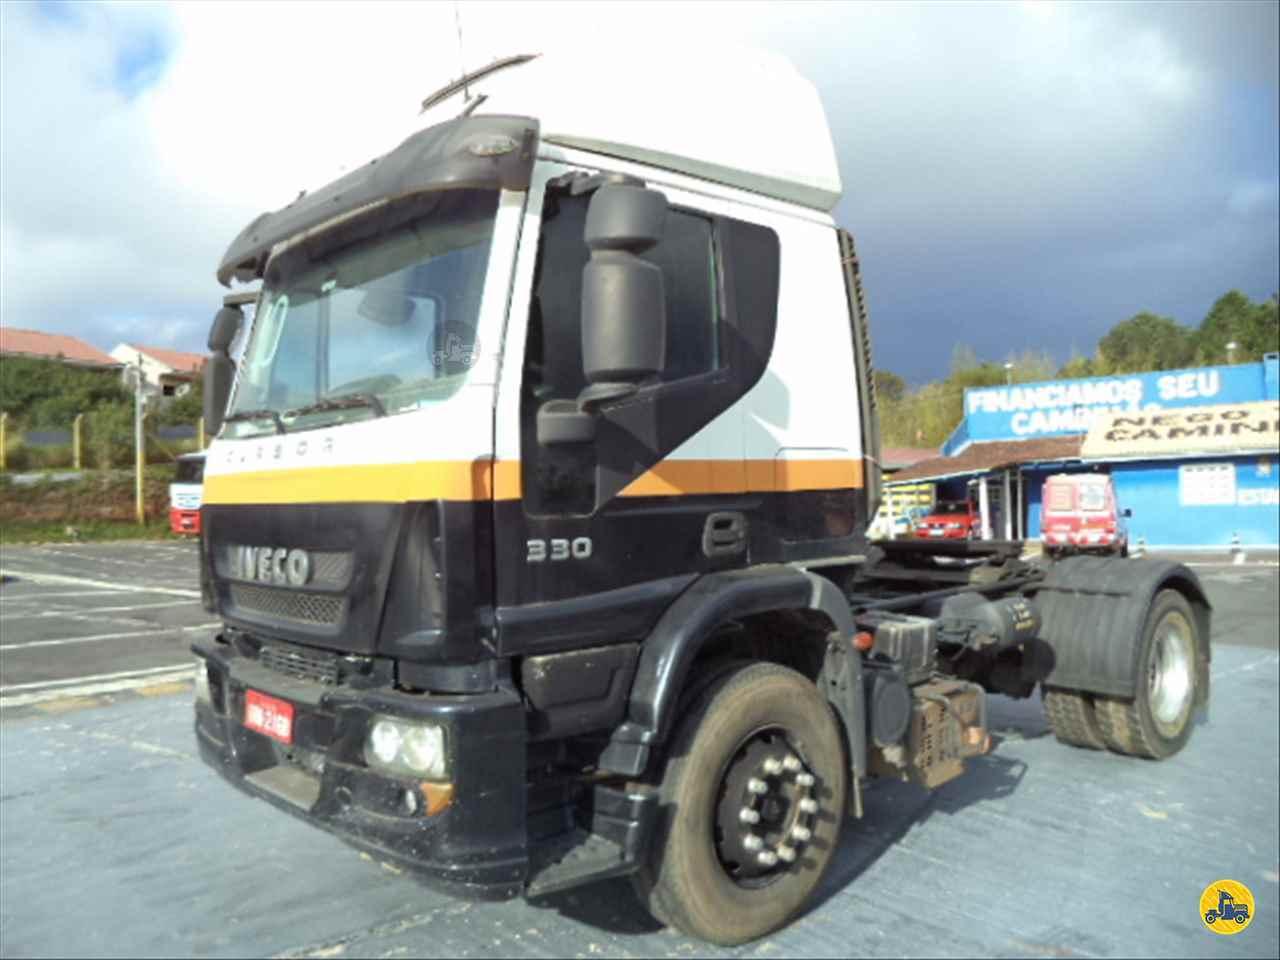 CAMINHAO IVECO CURSOR 450E33 Cavalo Mecânico Toco 4x2 Nego Véio Caminhões e Ônibus  COLOMBO PARANÁ PR